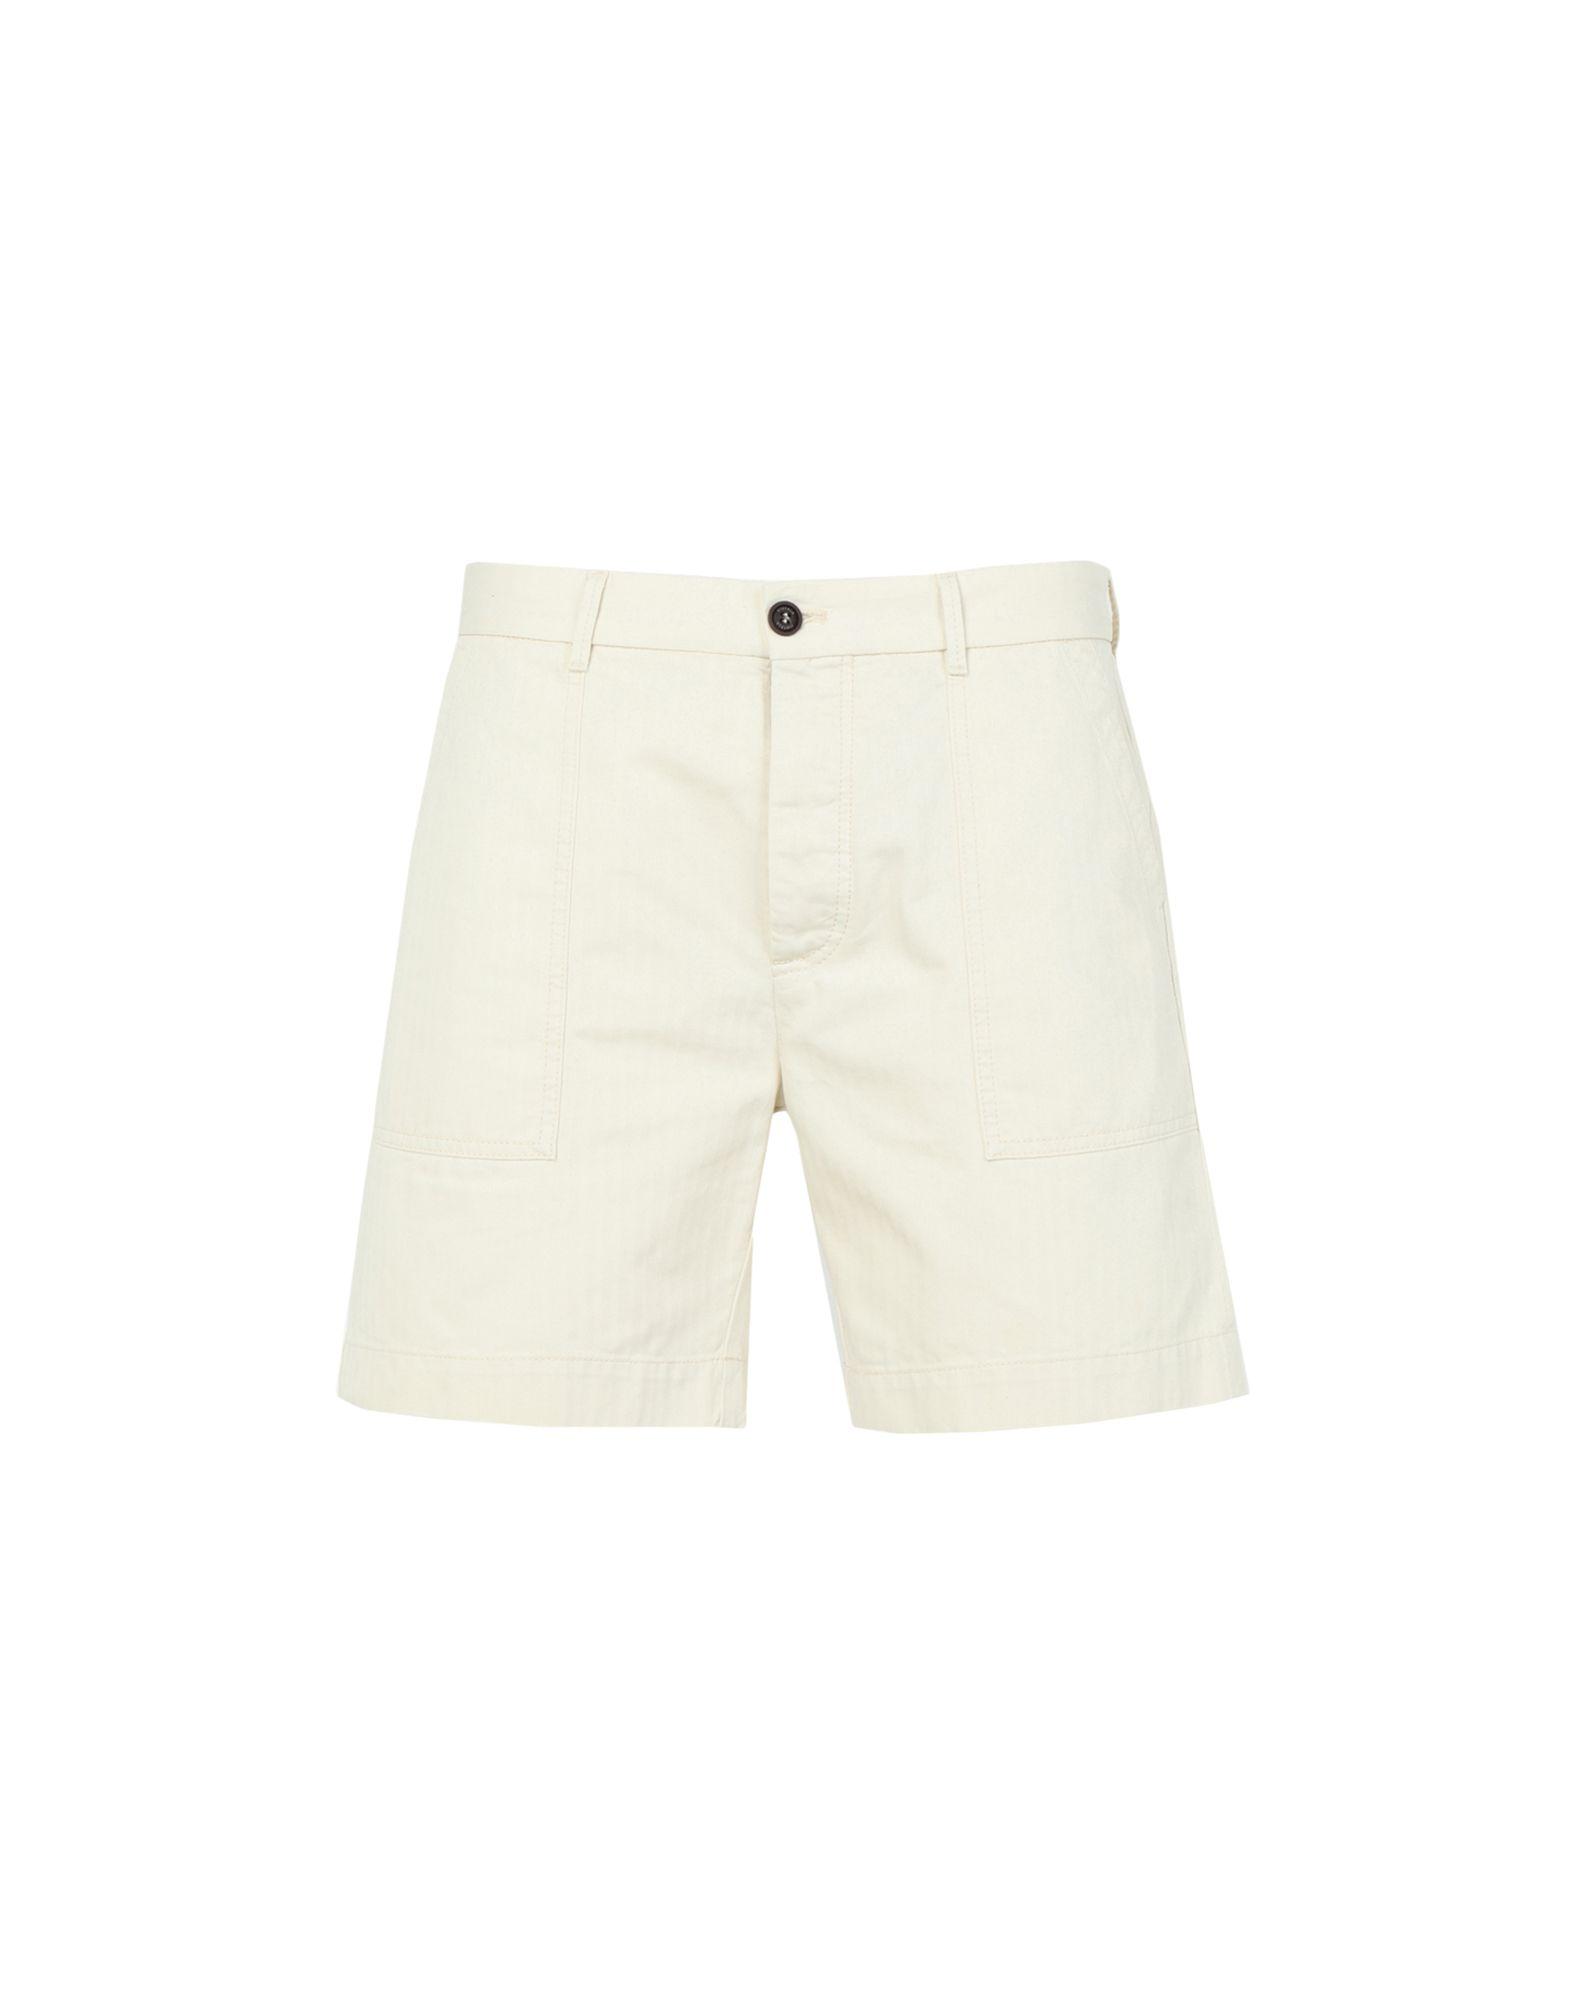 Shorts & Bermuda Fortela uomo - 13324427RH 13324427RH 13324427RH 9c4